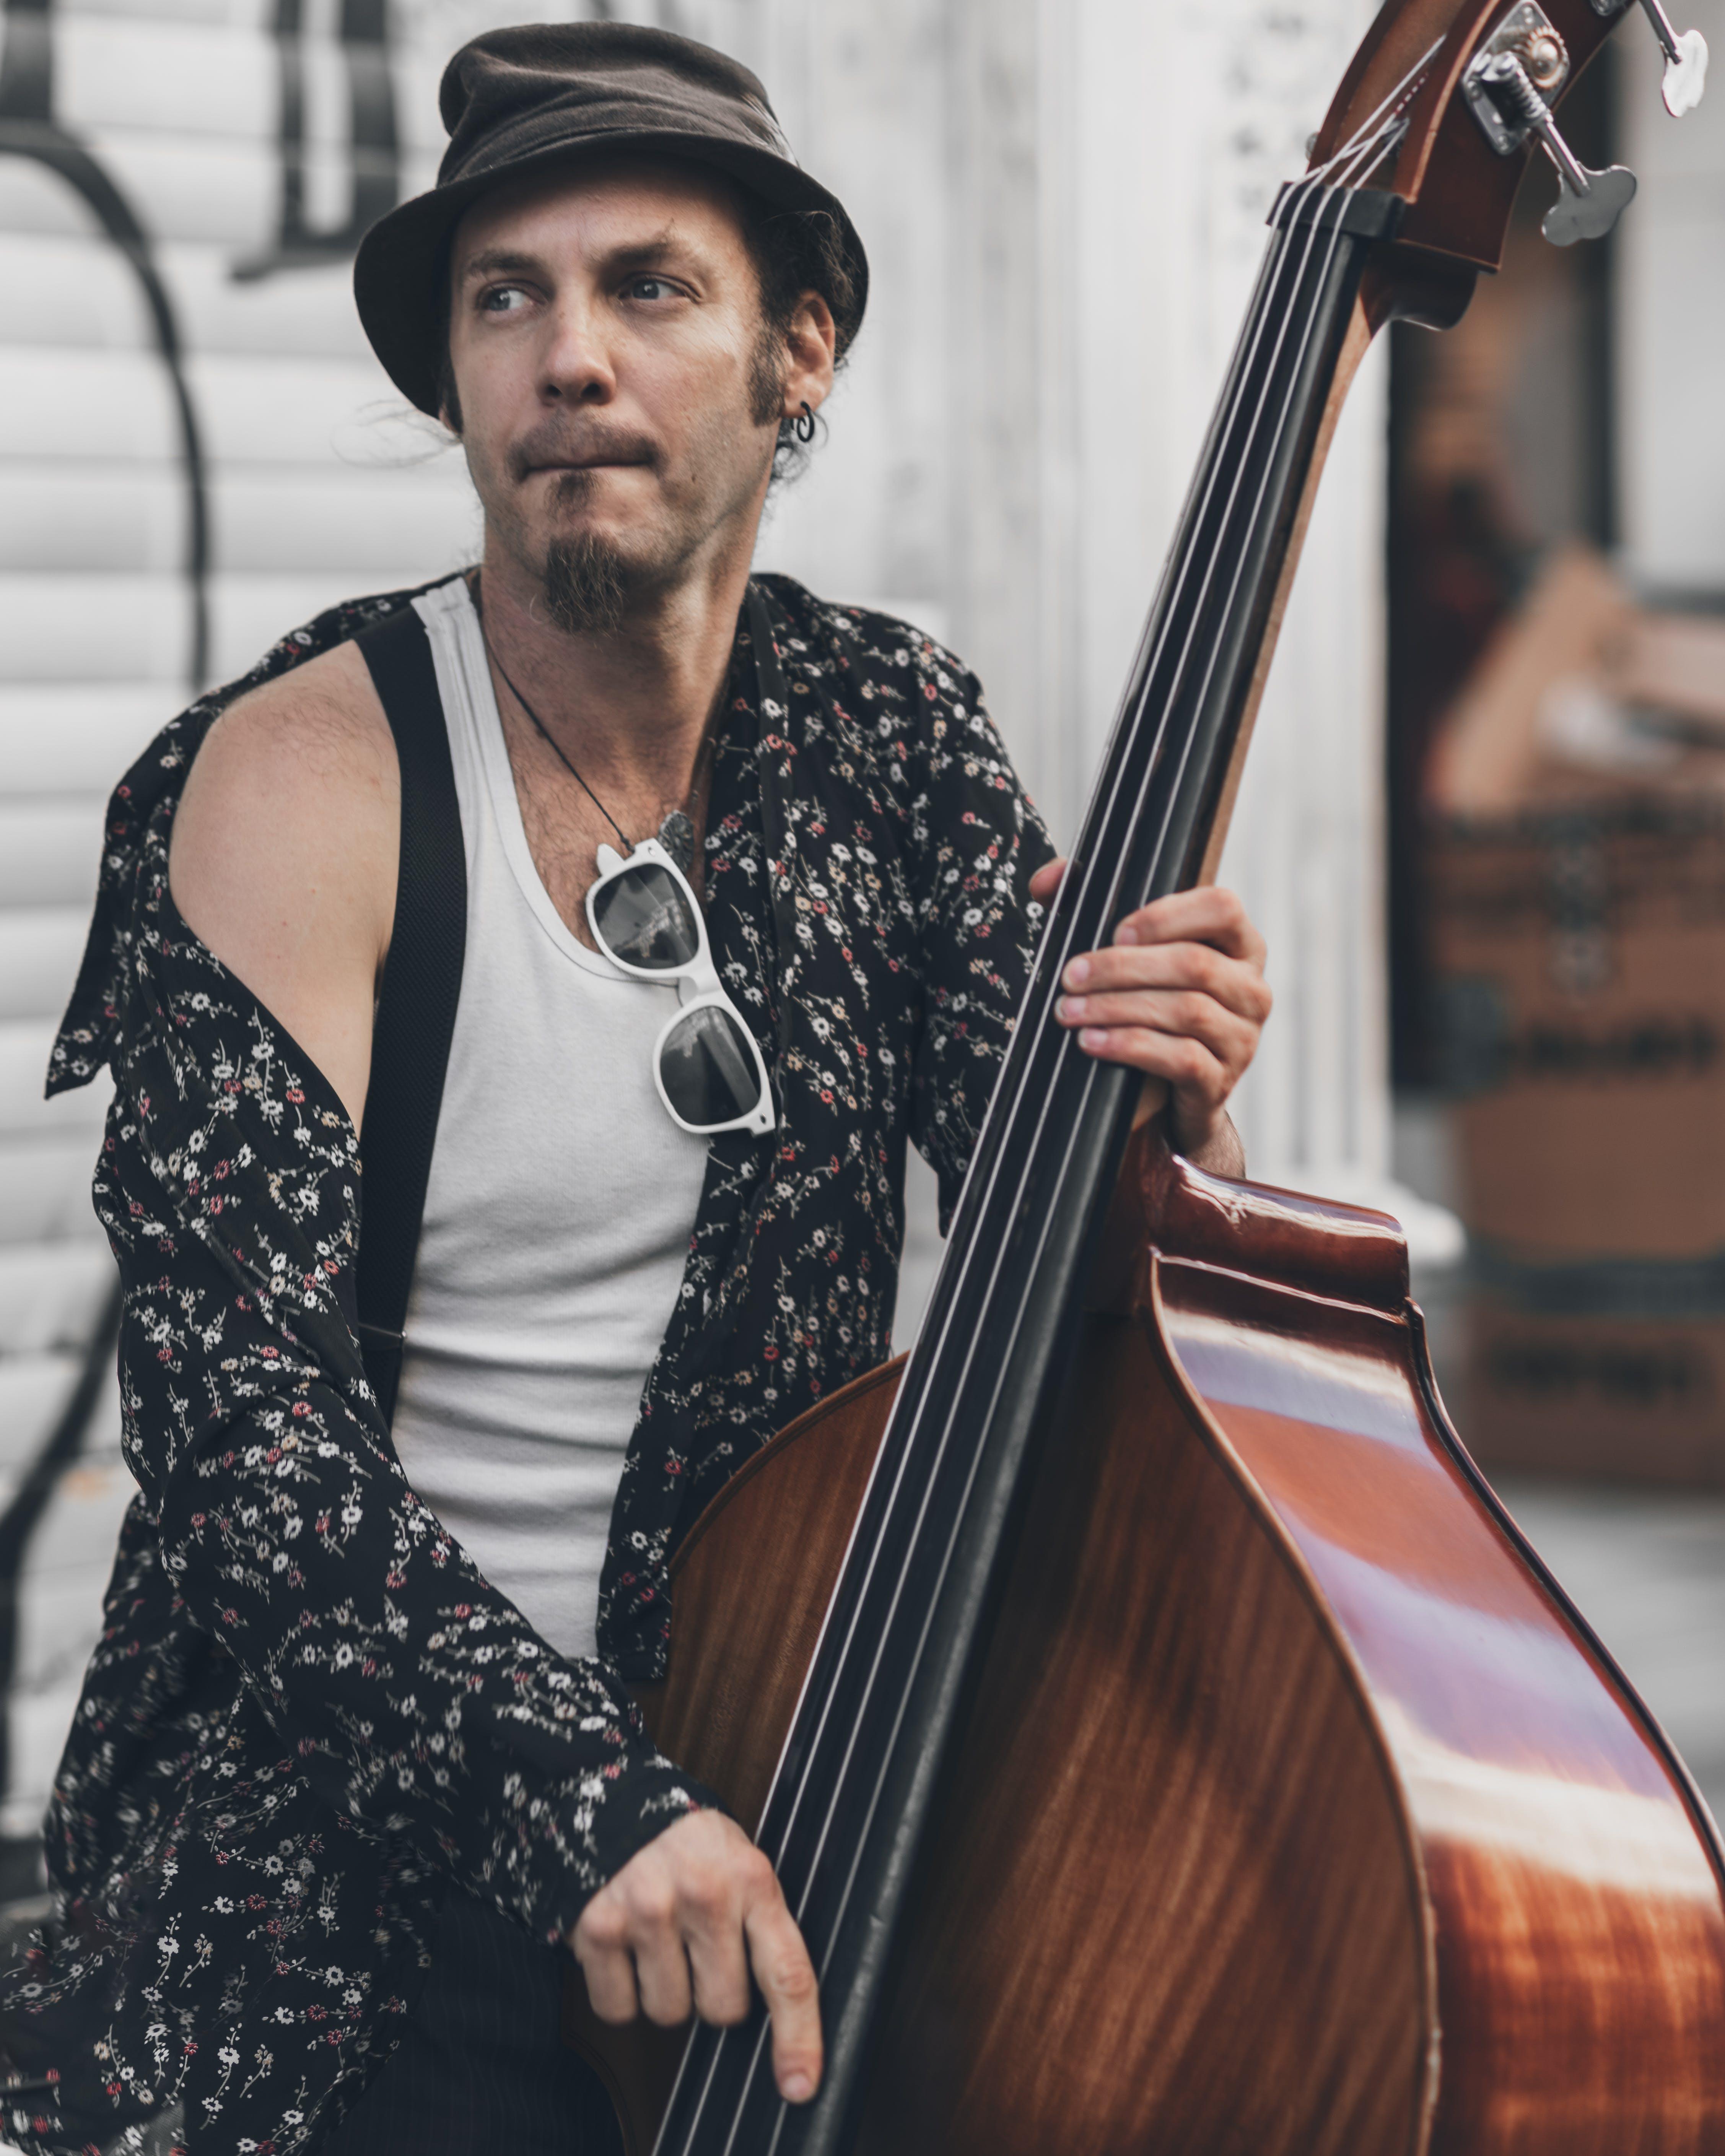 Kostnadsfri bild av ansiktsuttryck, artist, cello, dagsljus